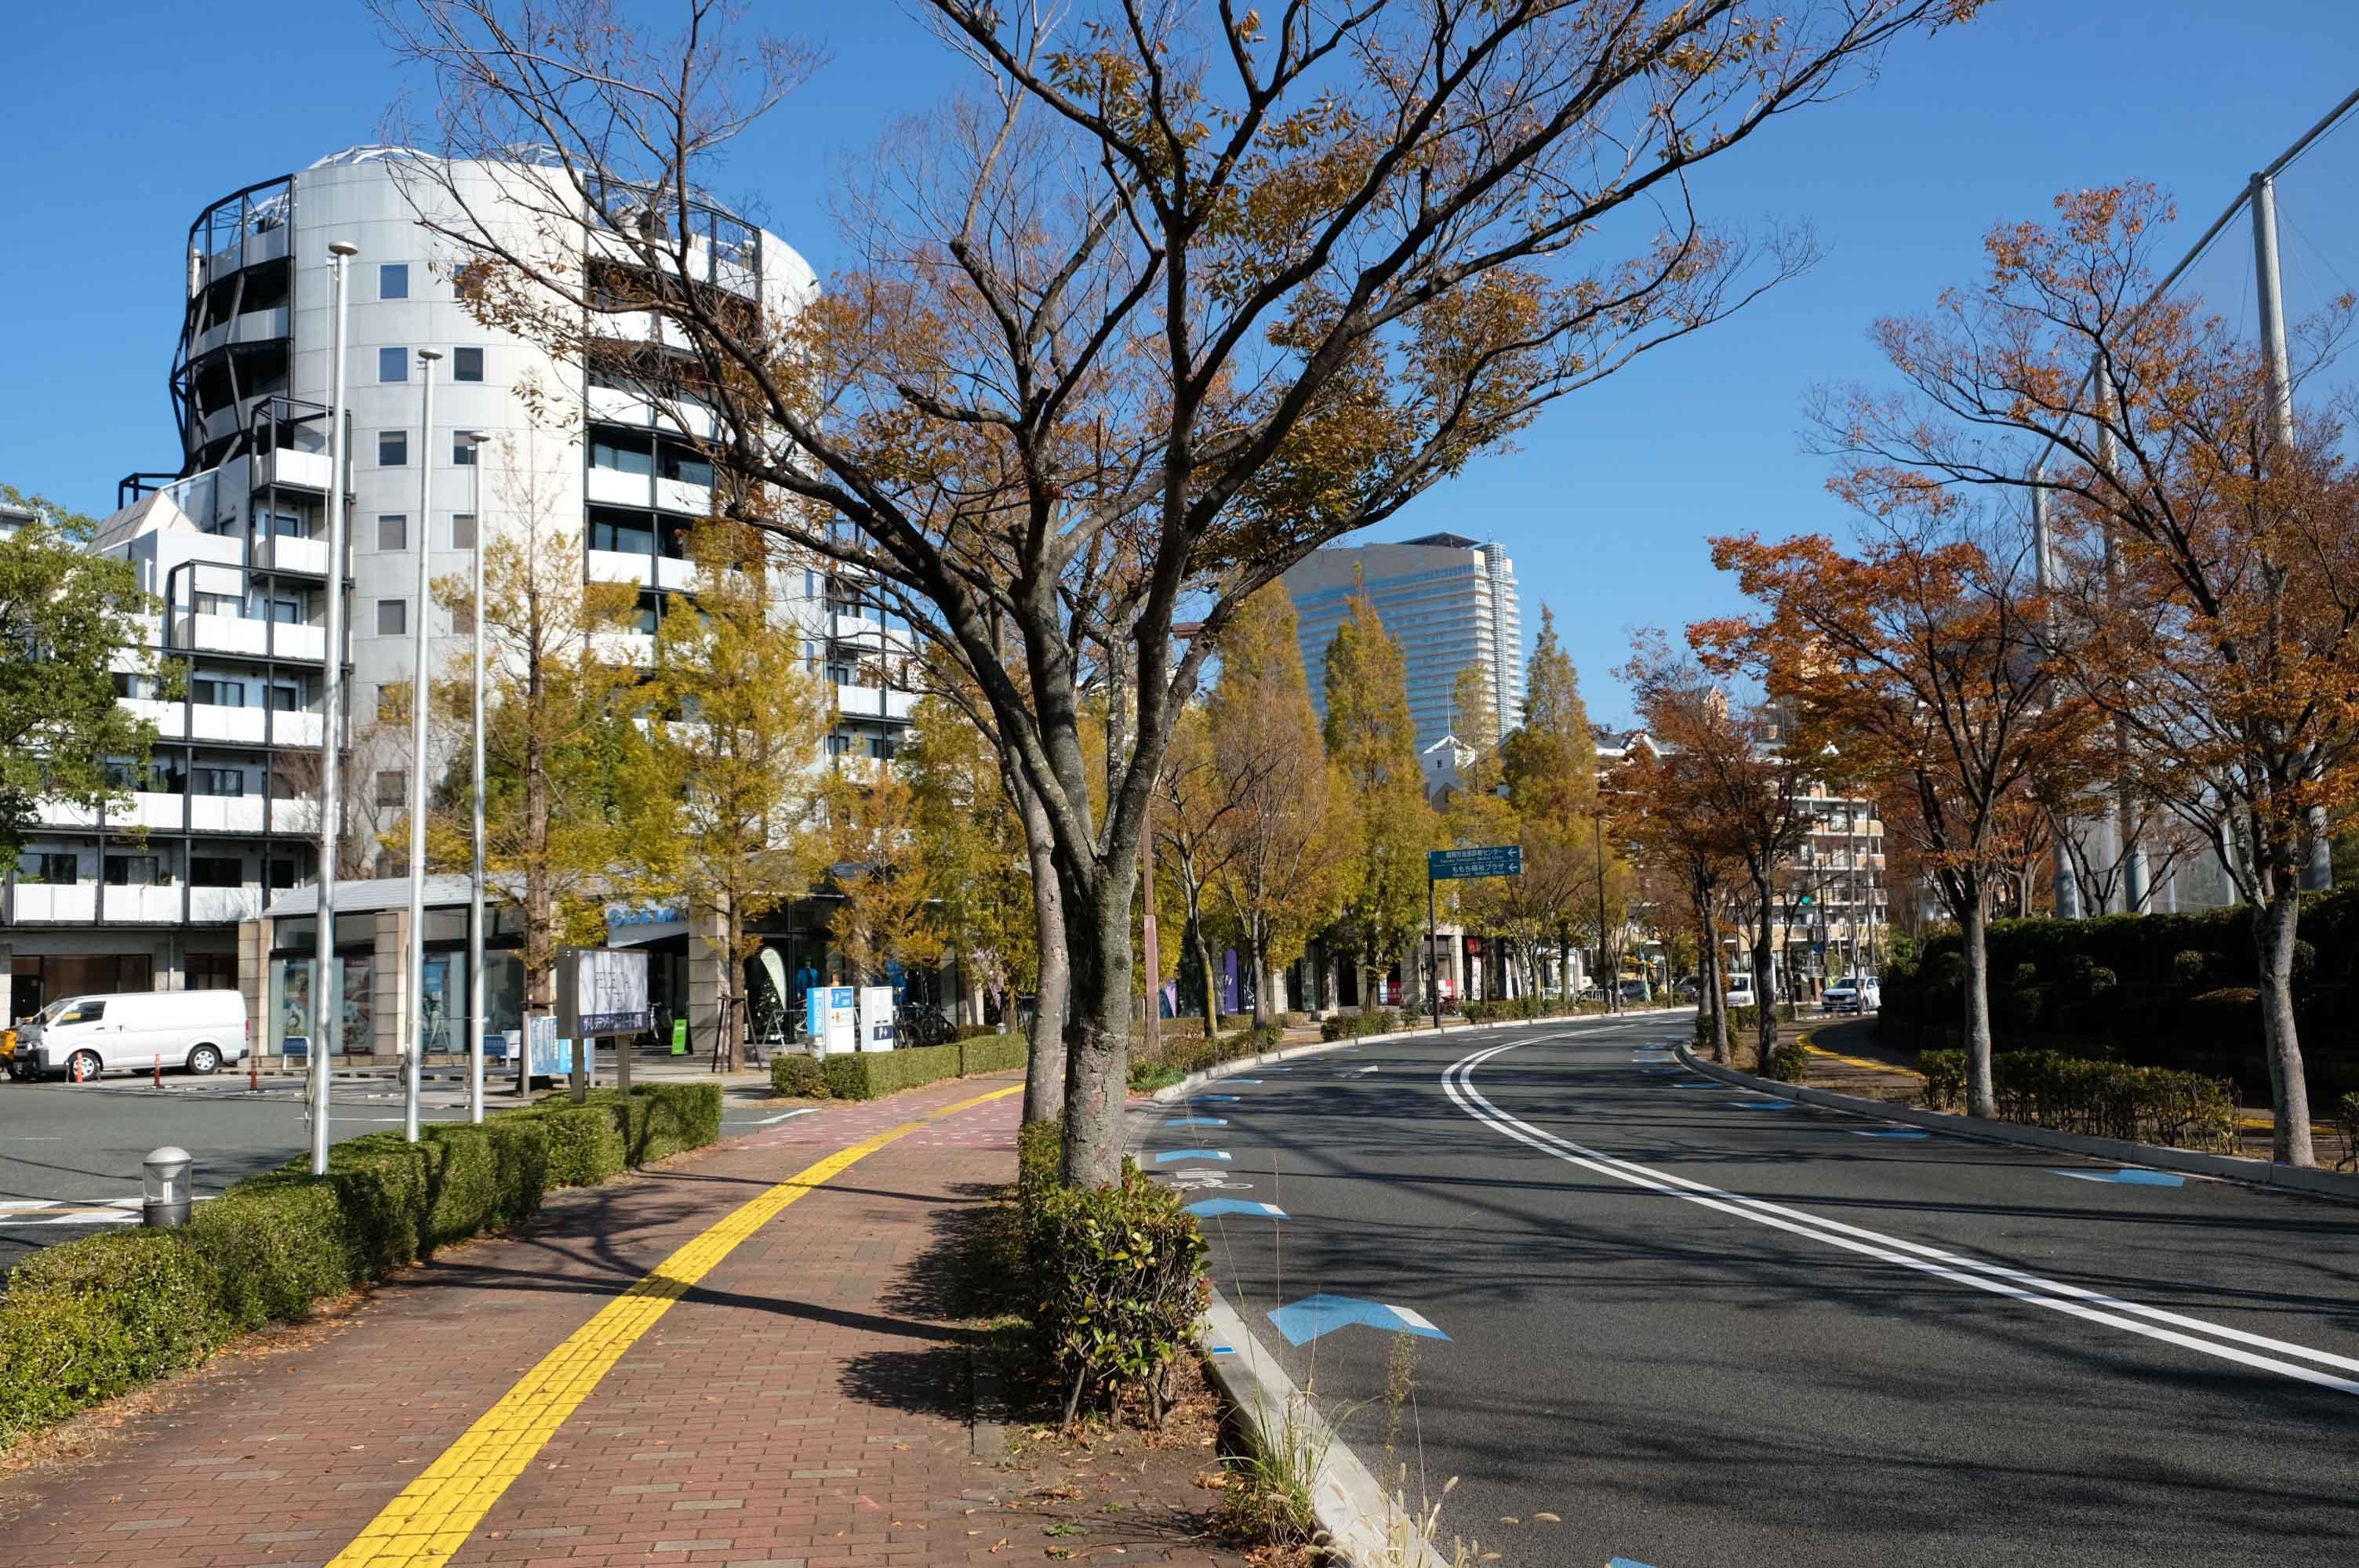 周辺は街路樹も多く穏やか